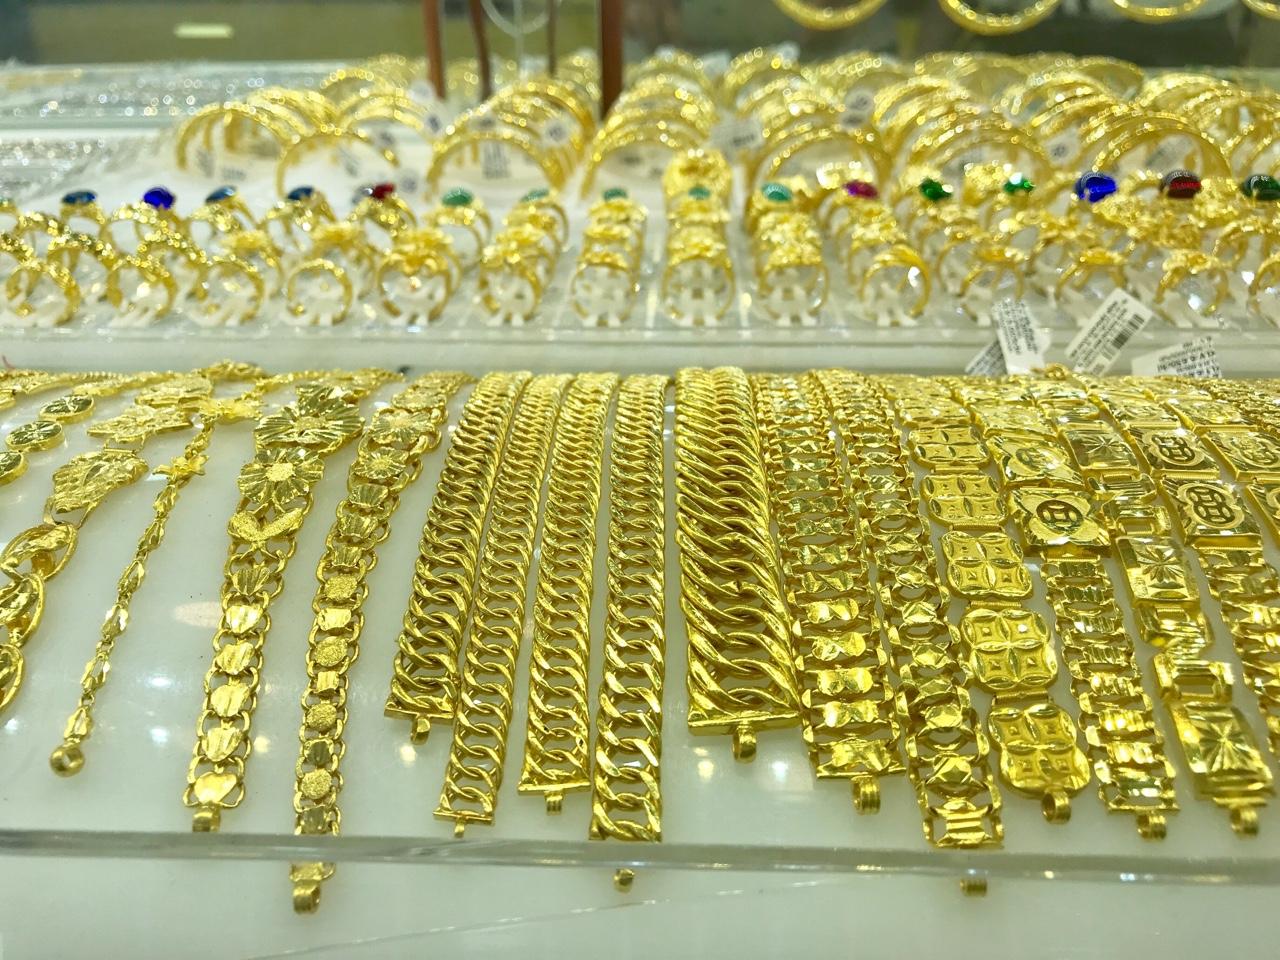 Chỉ số giá vàng trong nước tháng 6/2020 tăng hơn 30%  - Ảnh 1.